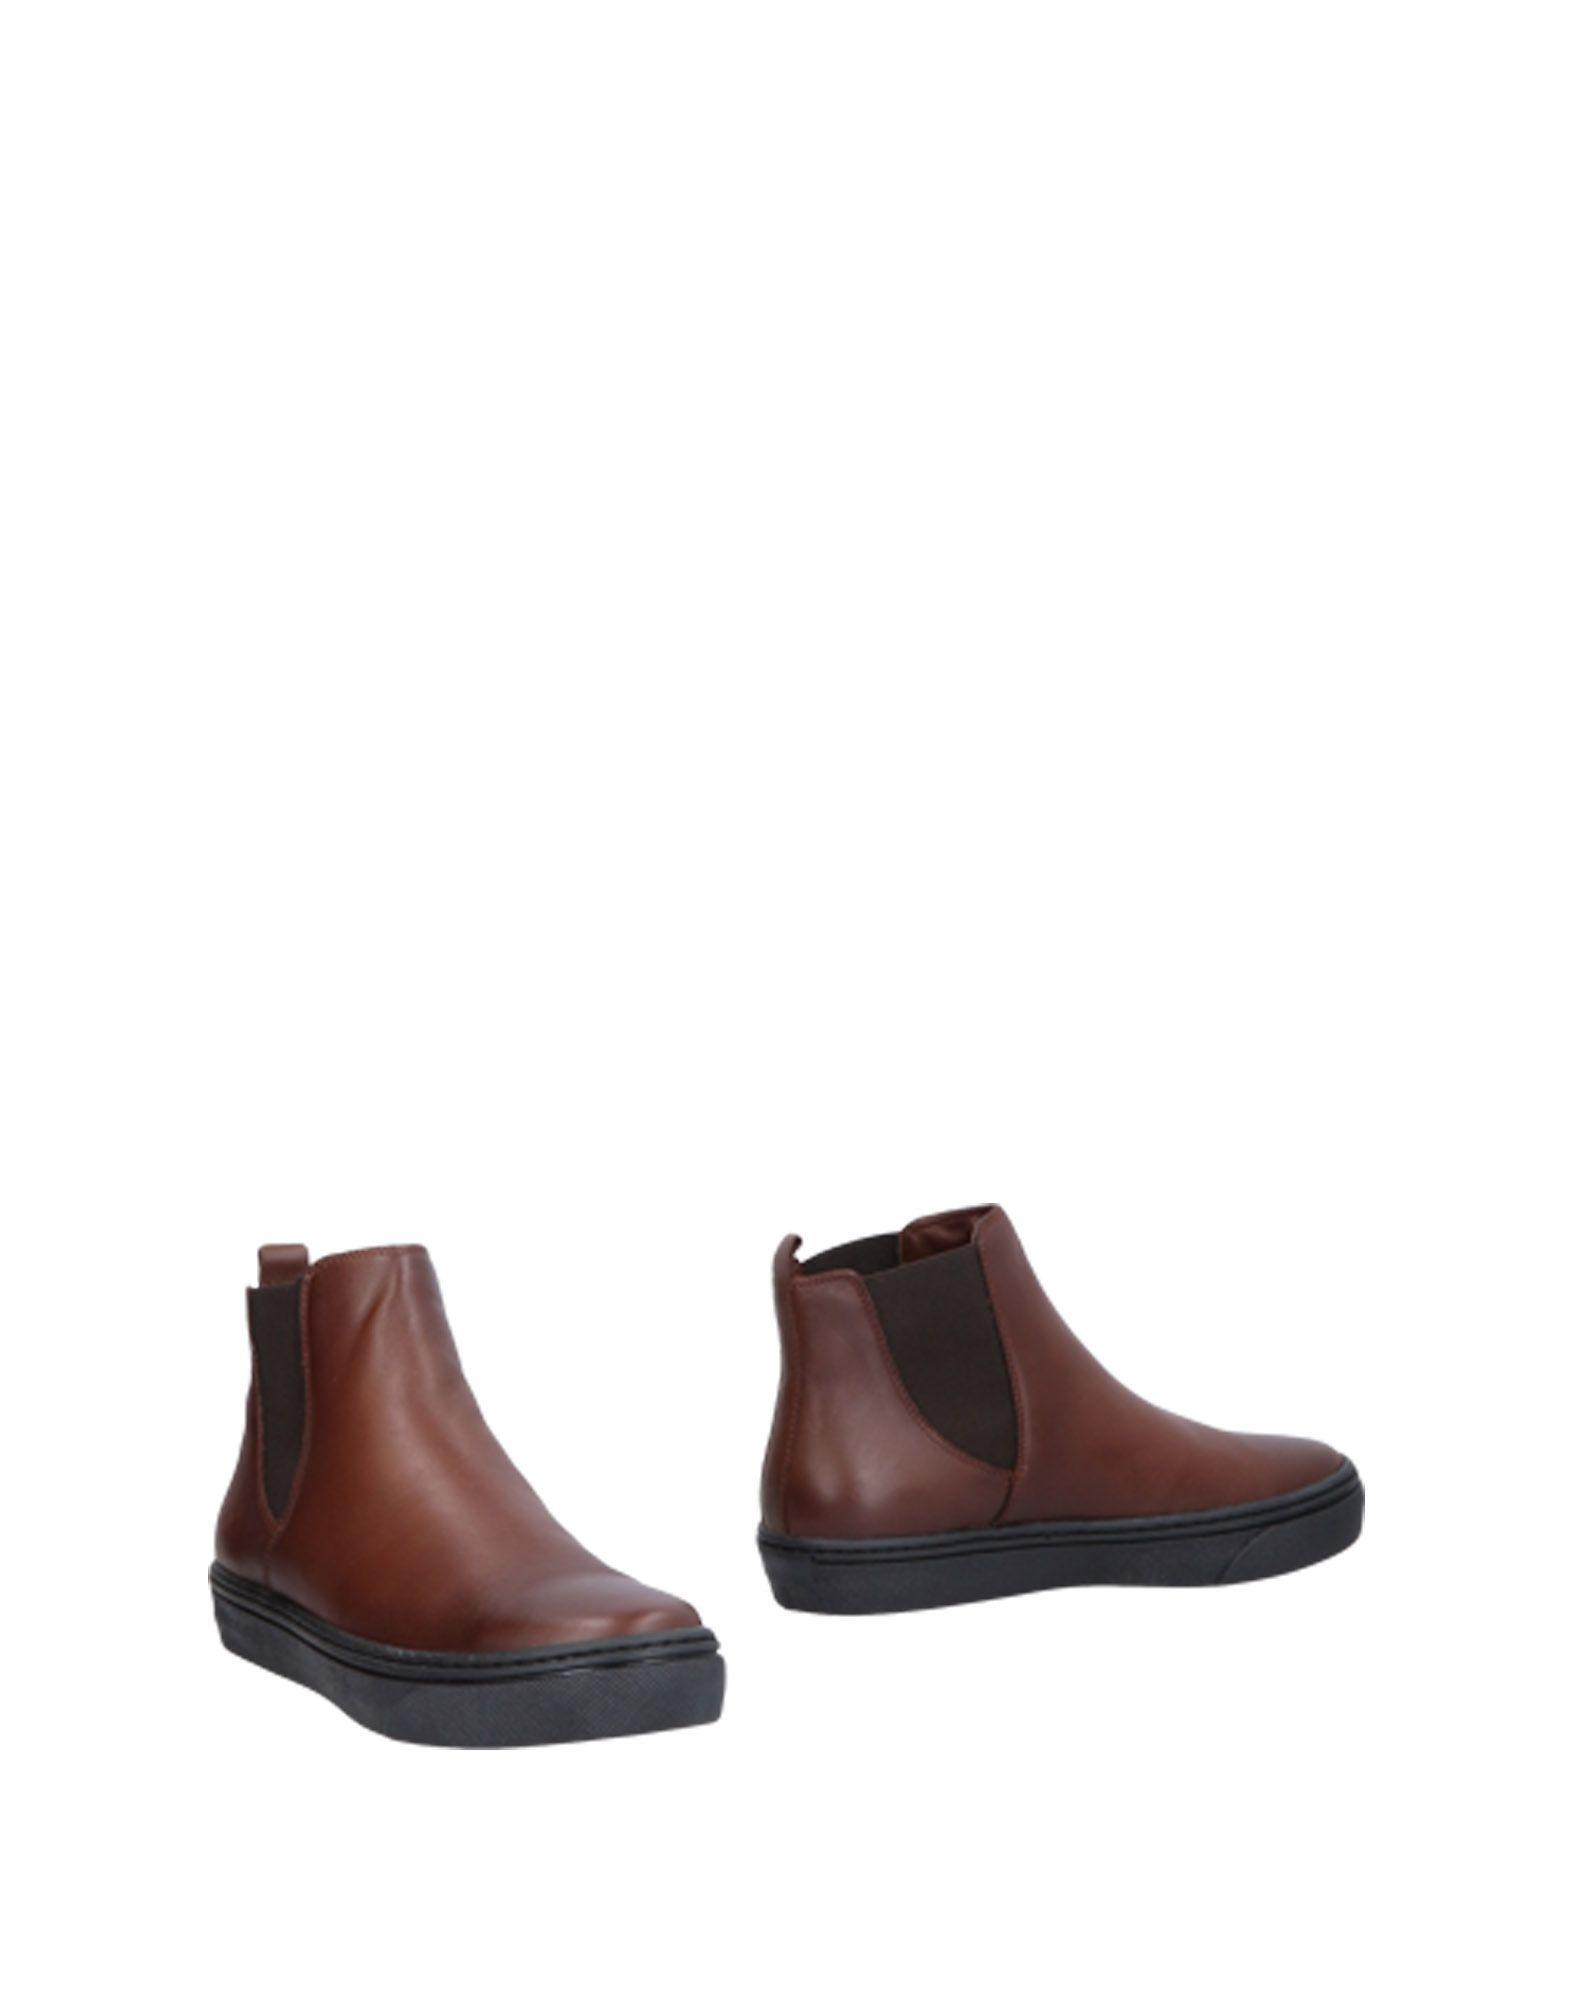 Novelty Novelty Novelty Chelsea Boots Damen  11464324QO 2ea50a